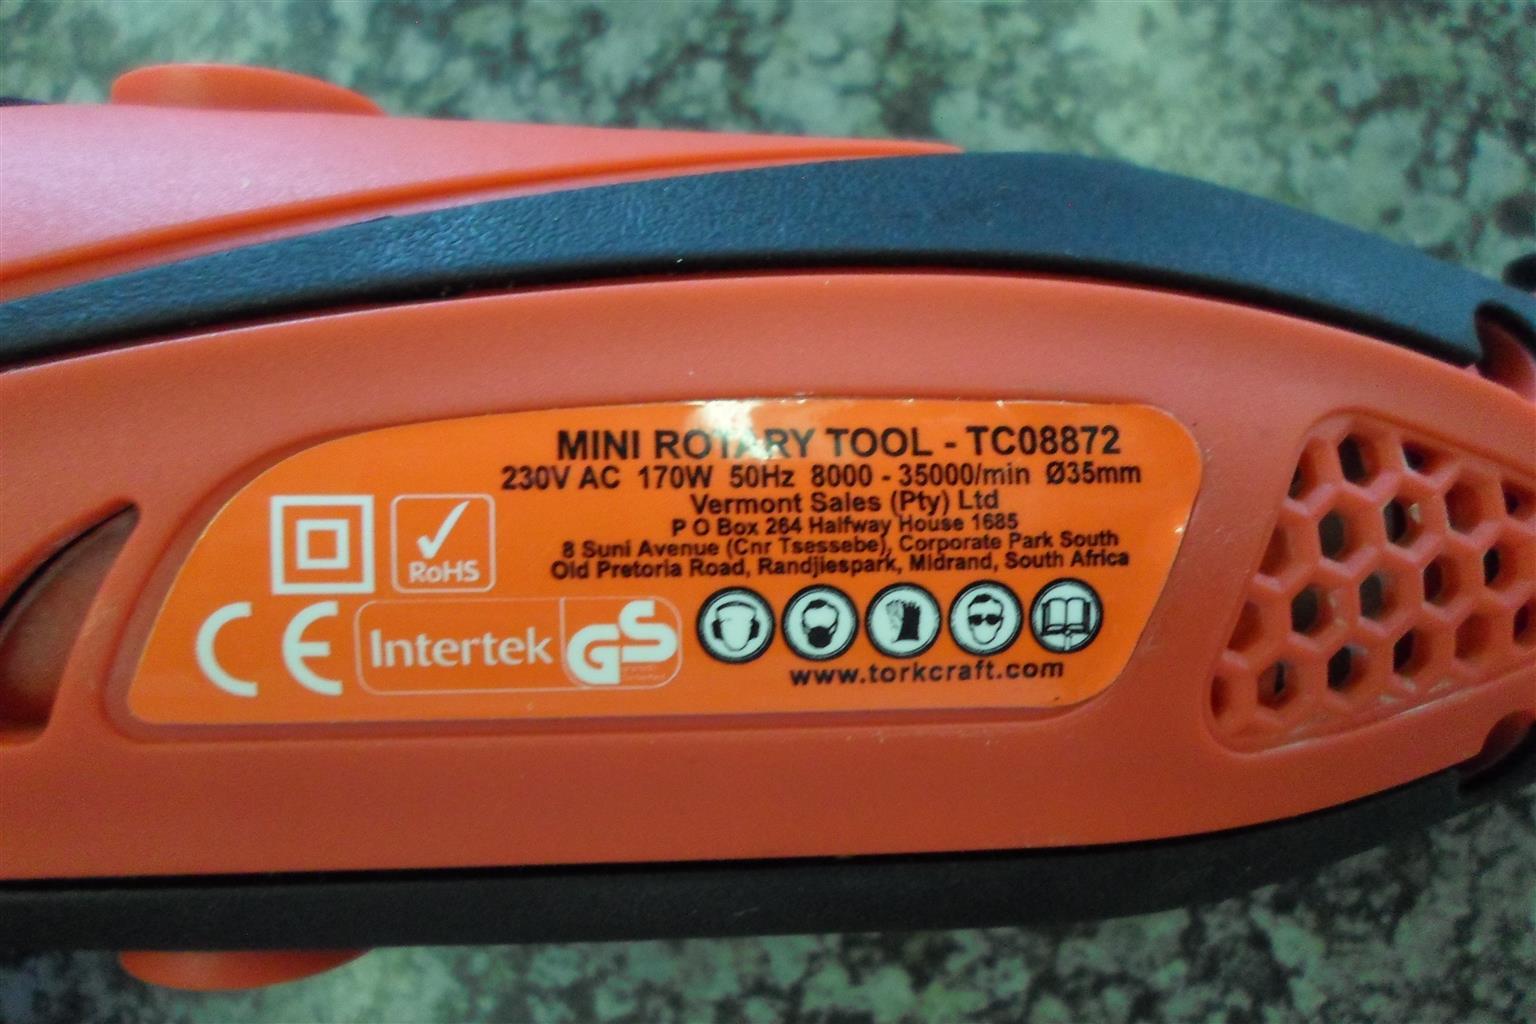 170W Tork Craft Mini Rotary Tool